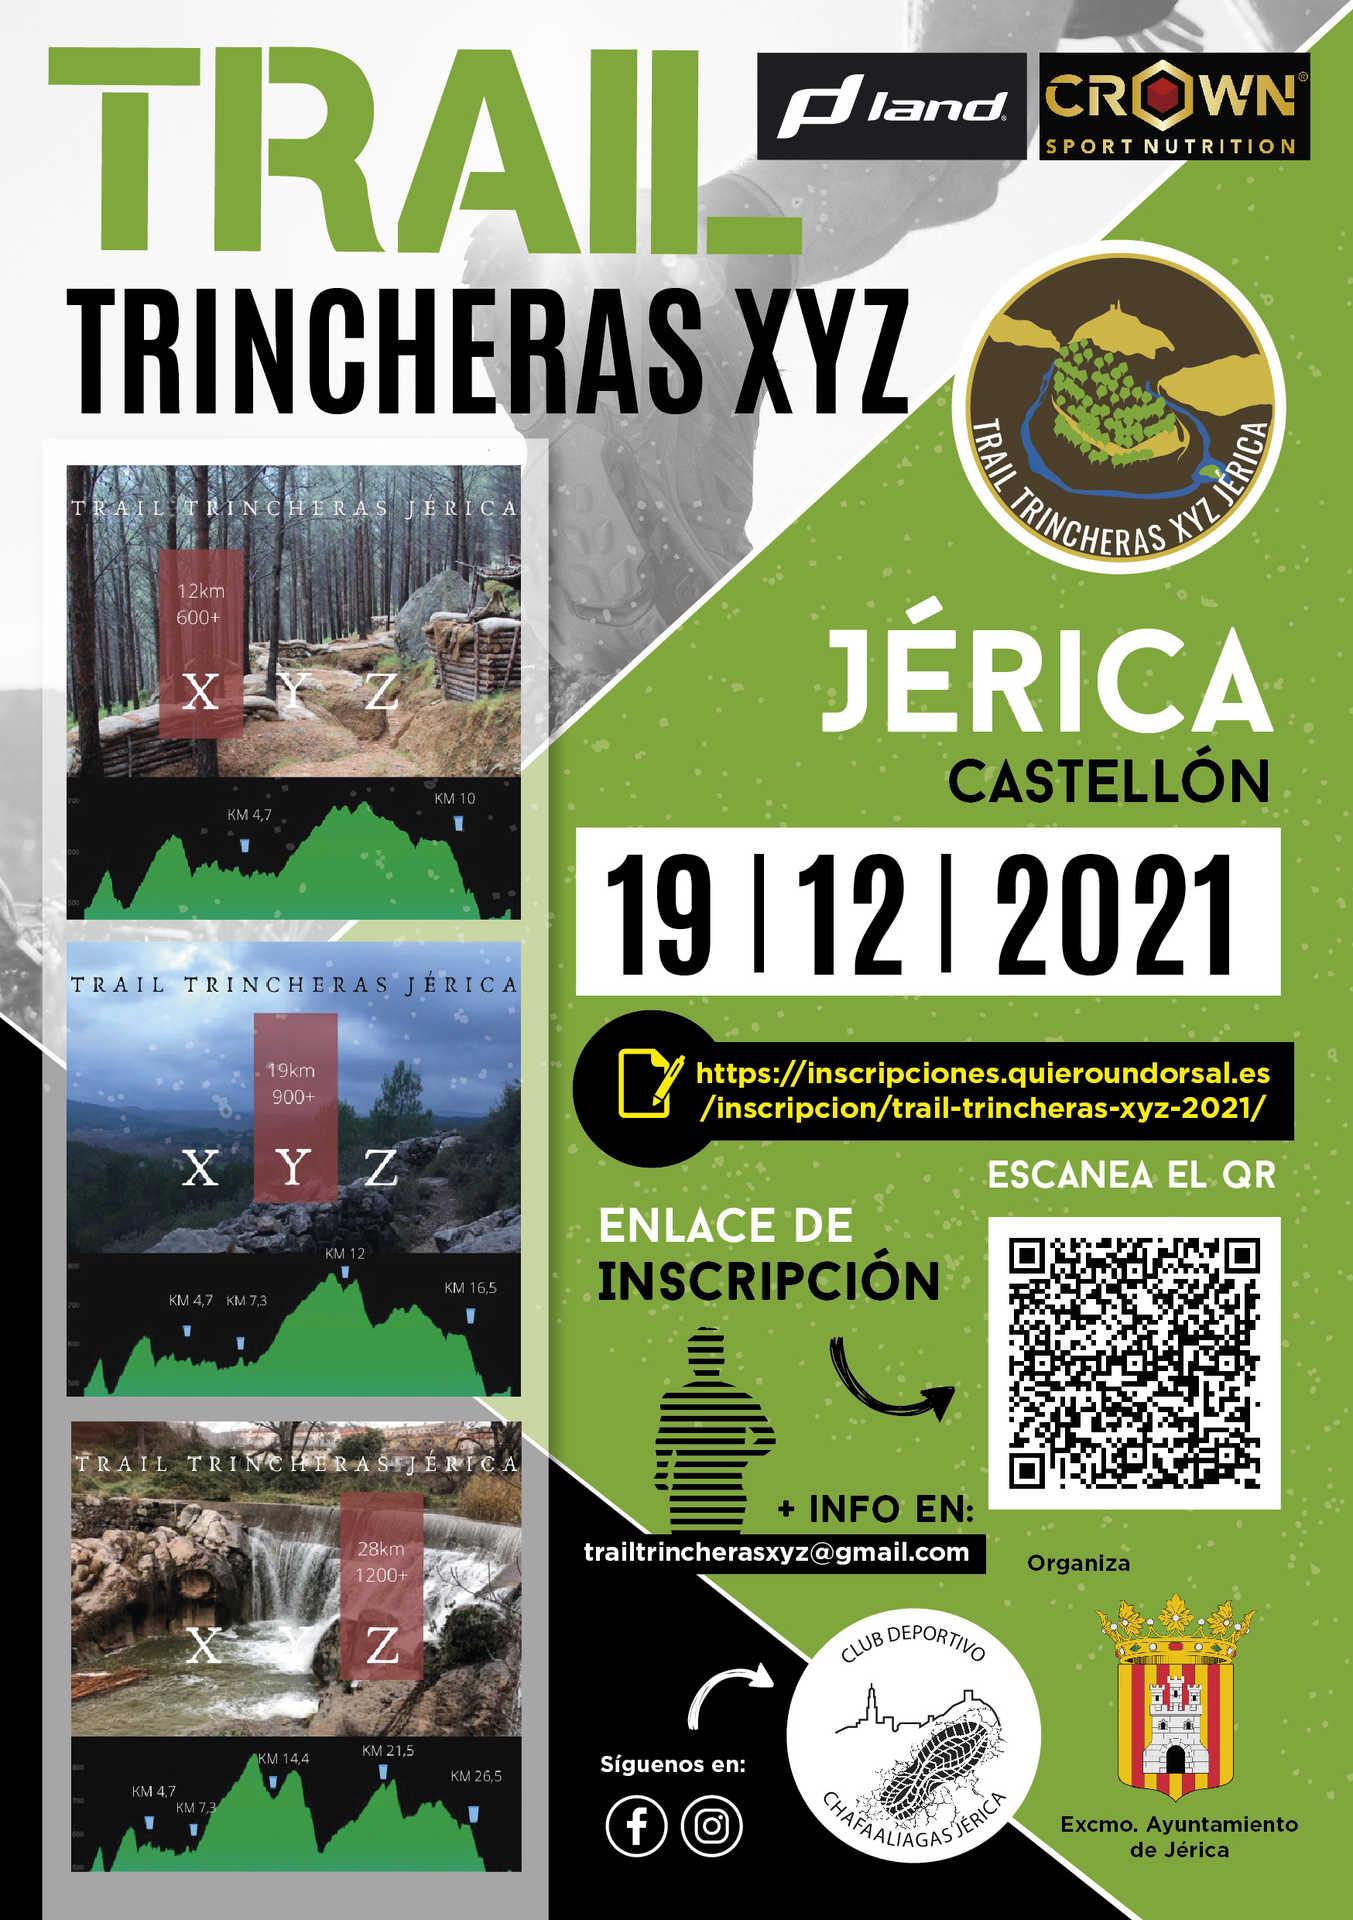 Trail trincheras Jerica 2021